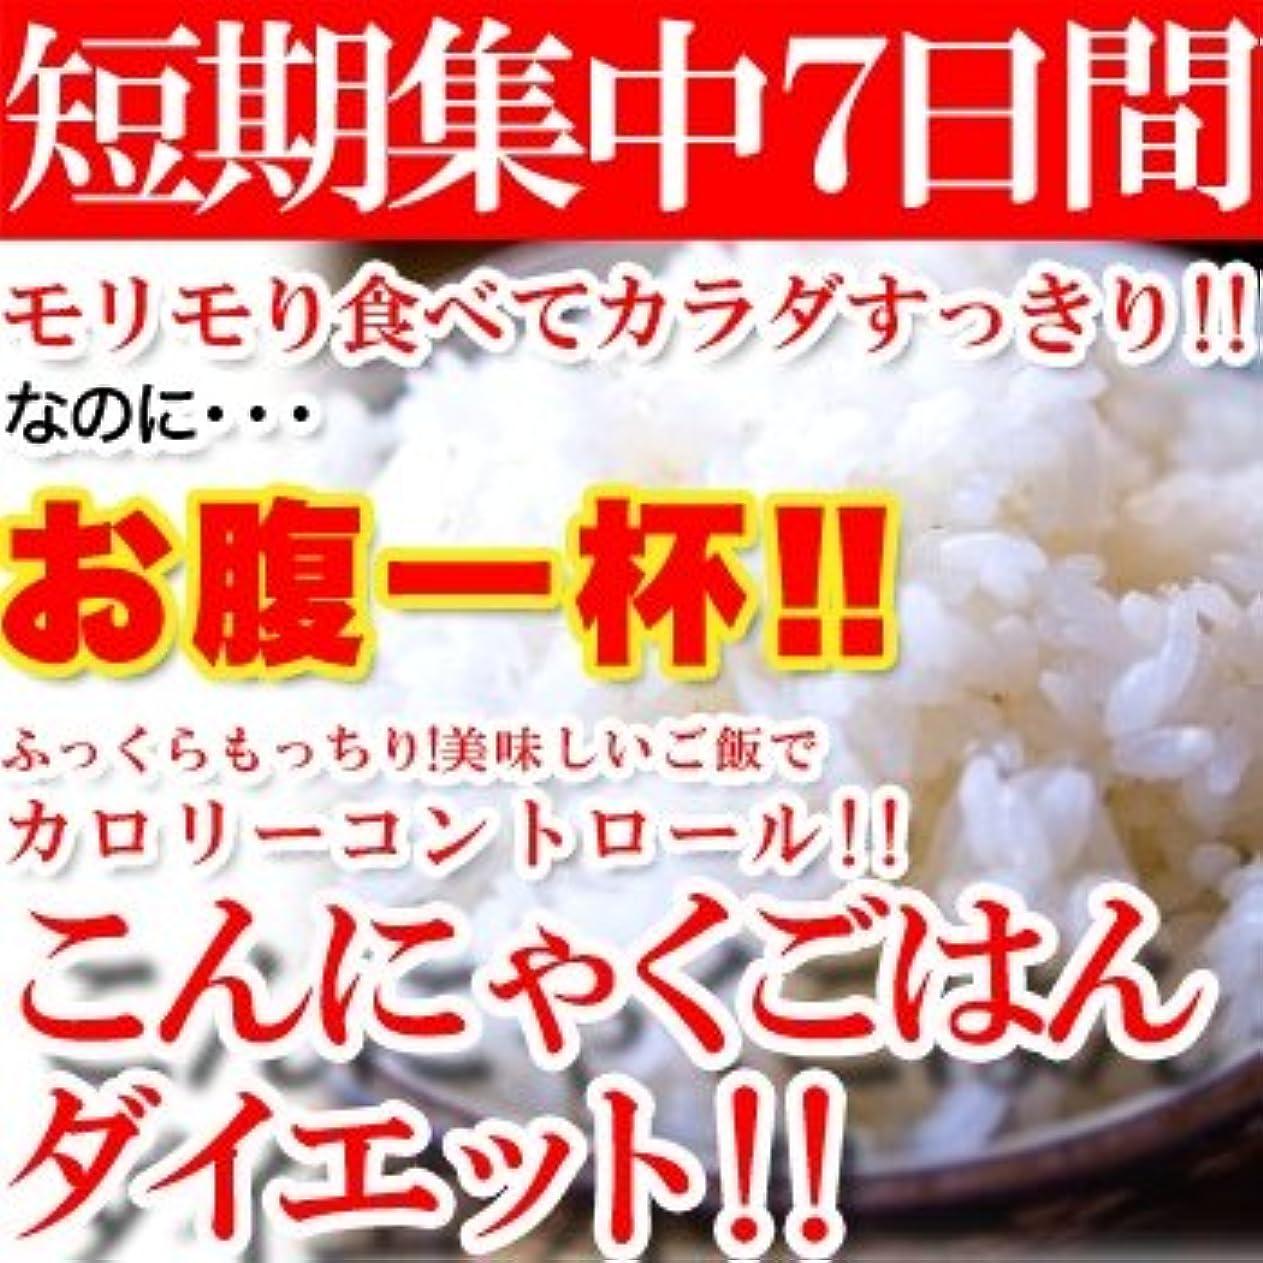 一般化する過度にインシュレータ【短期集中☆】7日間こんにゃくごはんダイエット! 4個セット ※「白いご飯」、「炭水化物」好きの方必見!いつものご飯に混ぜて炊くだけ!